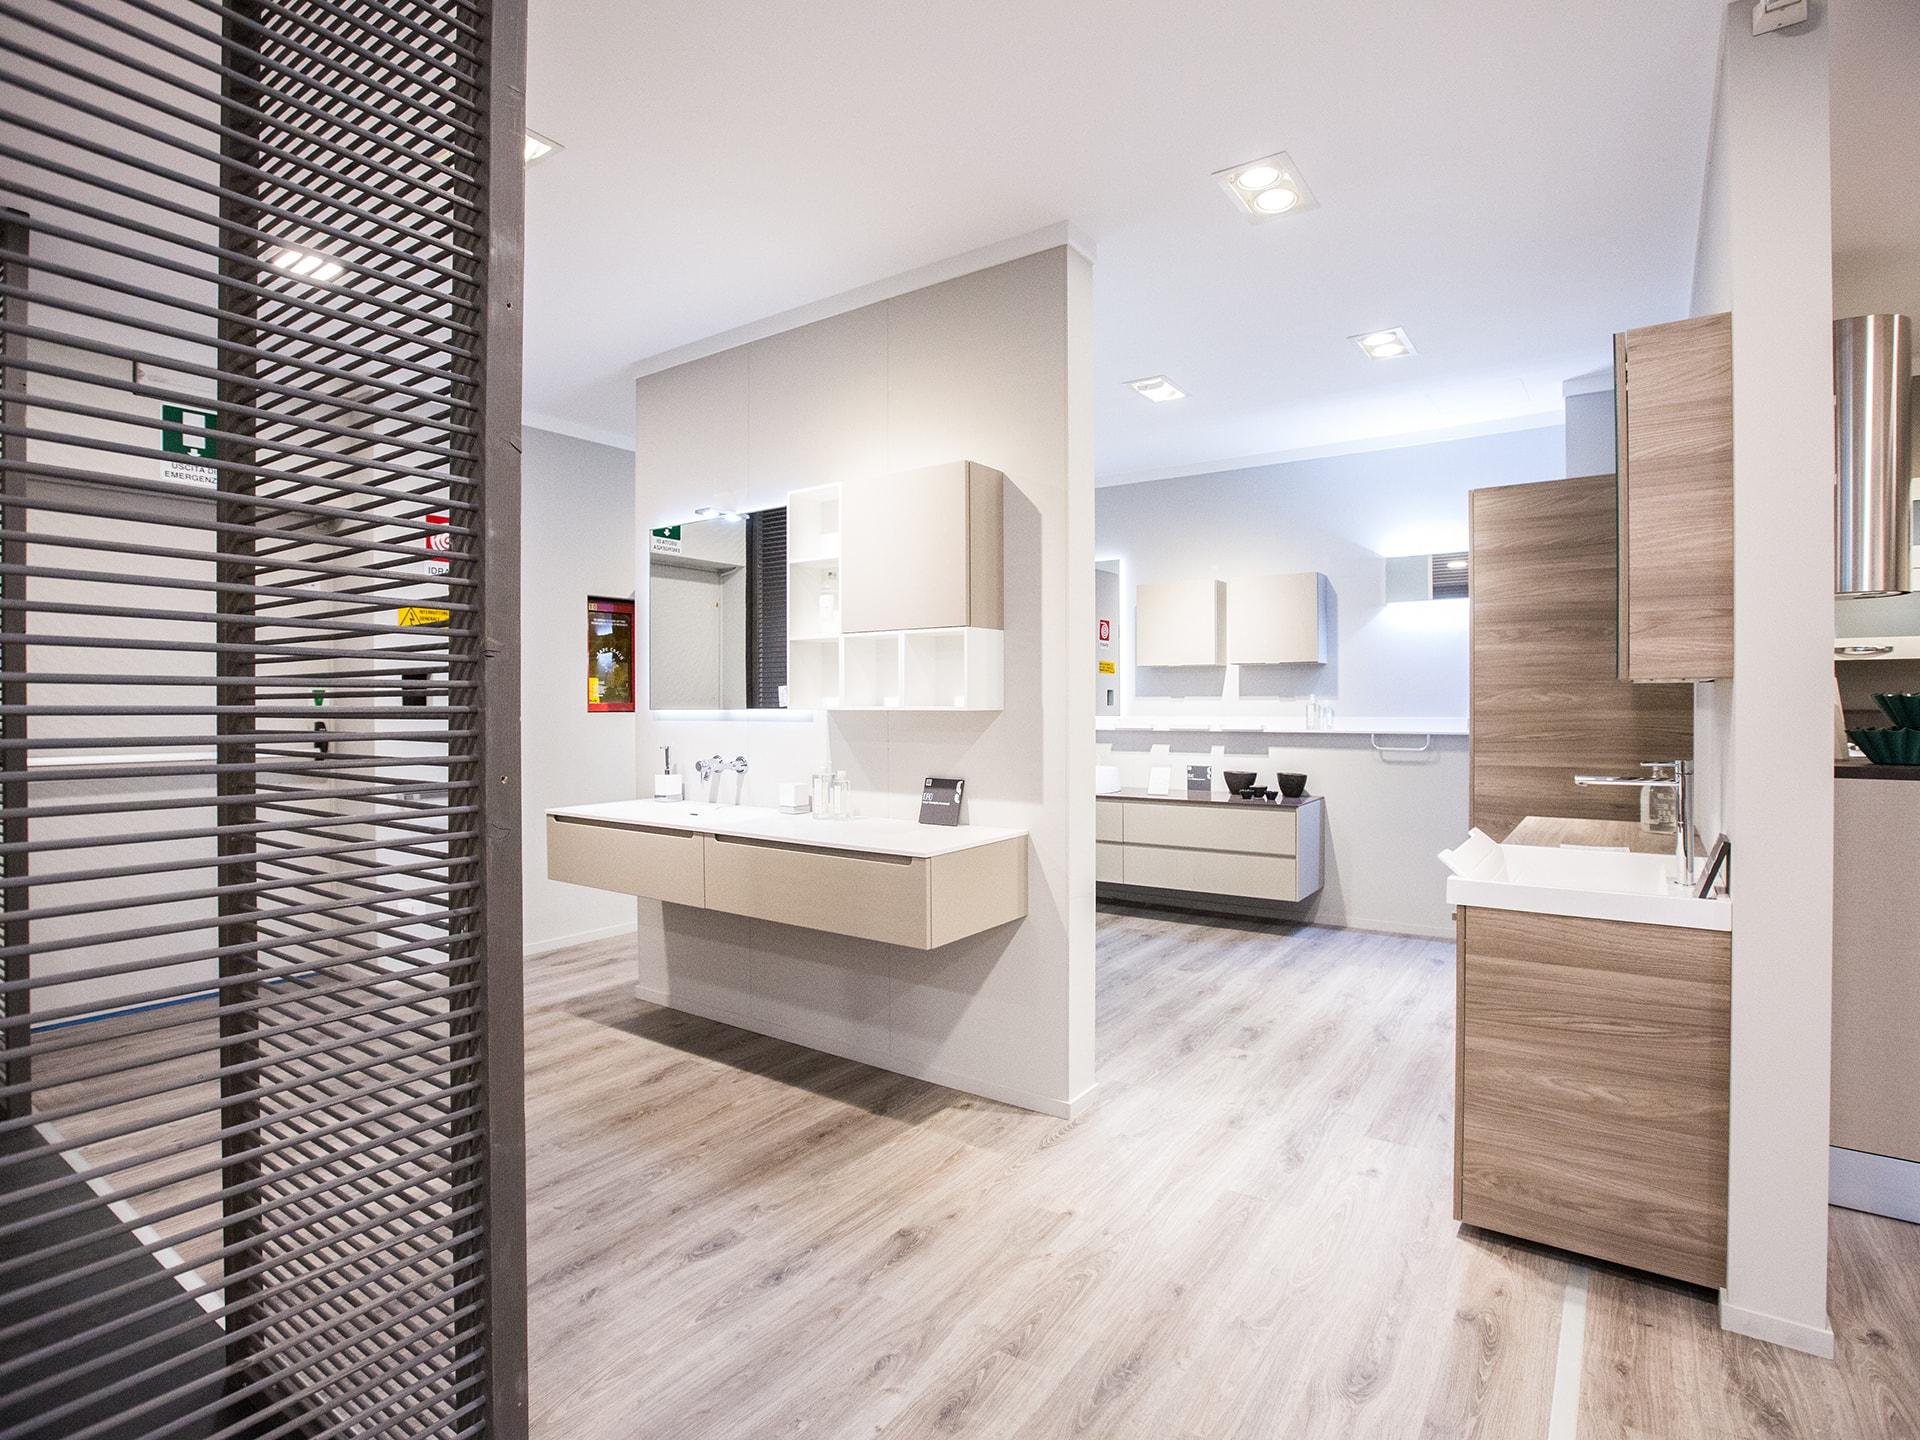 Carnero casa negozio di mobili orbassano arredamenti e for Format arredamenti orbassano